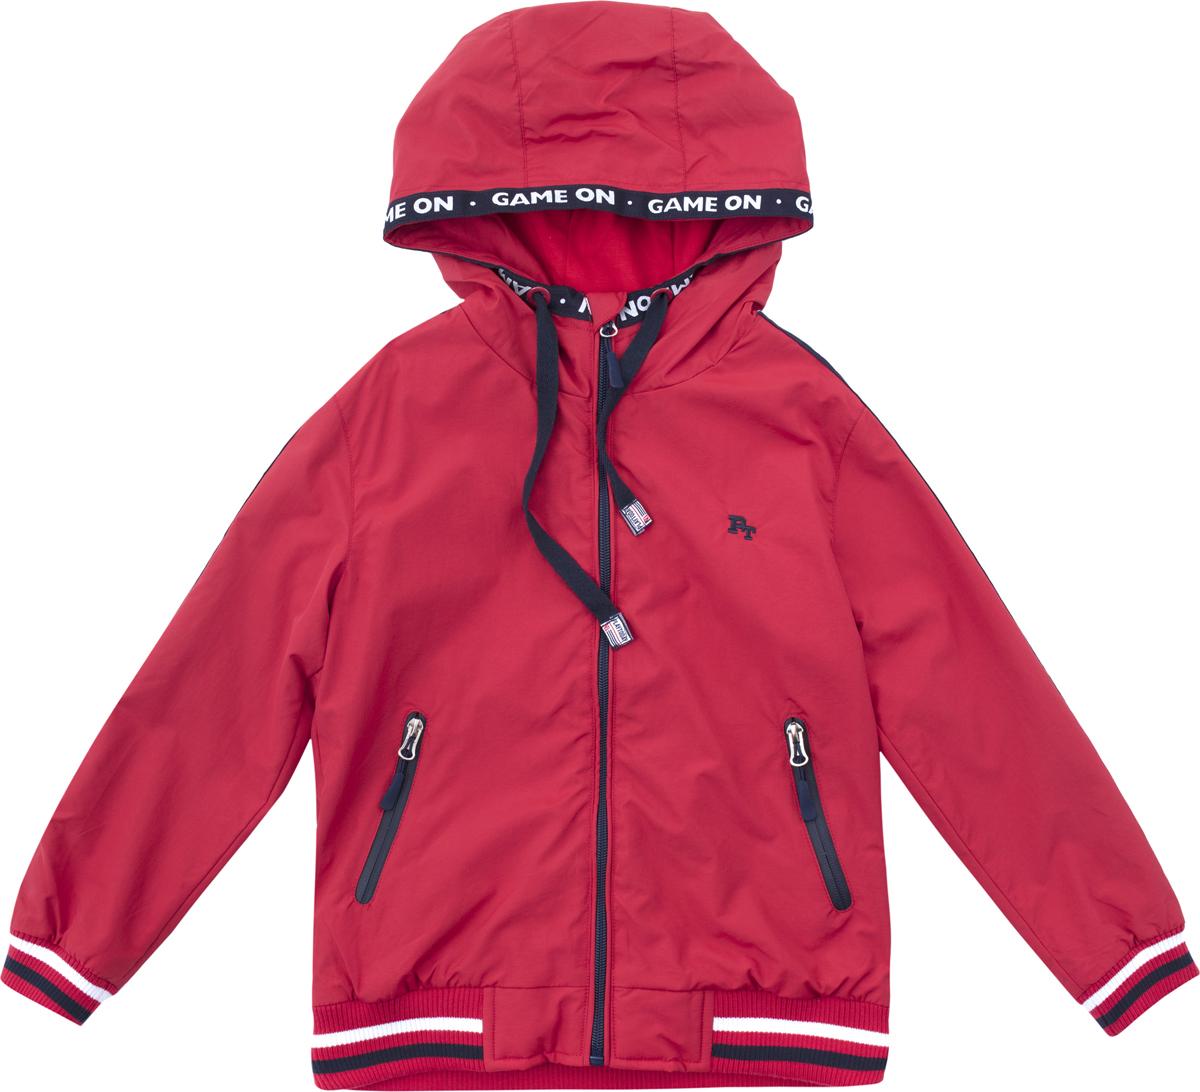 Куртка для мальчика PlayToday, цвет: красный, темно-синий. 181002. Размер 128181002Куртка выполнена из водонепроиницаемой ткани, на молнии. Встрочной капюшон на кулиске. Манжеты и низ изделия на мягких трикотажных резинках для дополнительного сохранения тепла. Куртка дополнена встрочными карманами на молнии. Подкладка из ткани с высоким содержанием натурального хлопка.